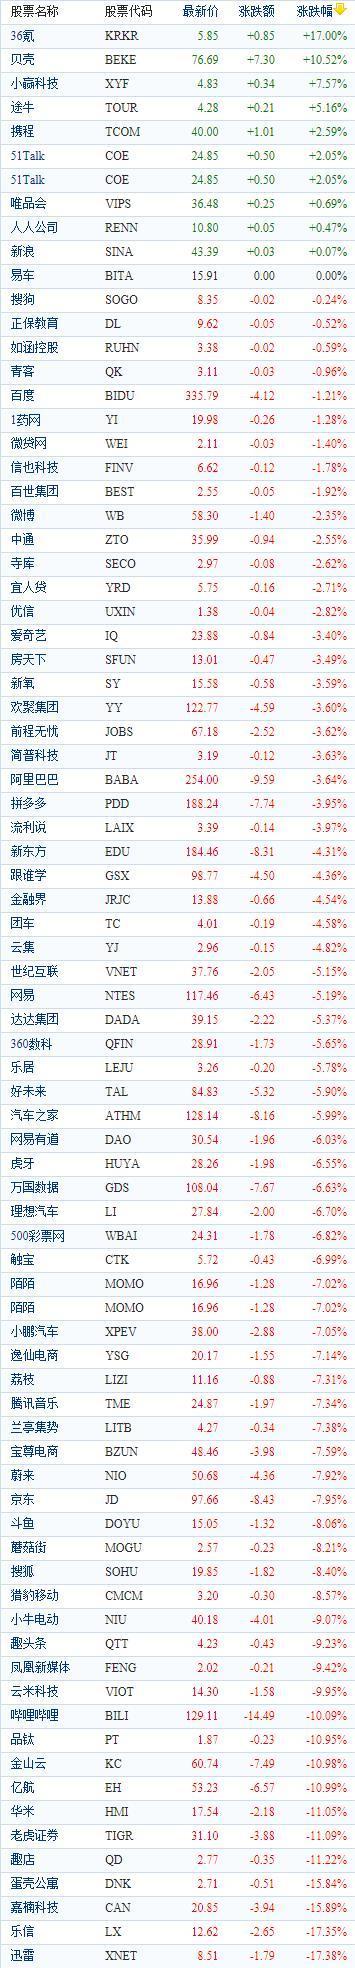 中国概念股周一收盘普遍下跌 迅雷大跌17.38%报收8.51美元